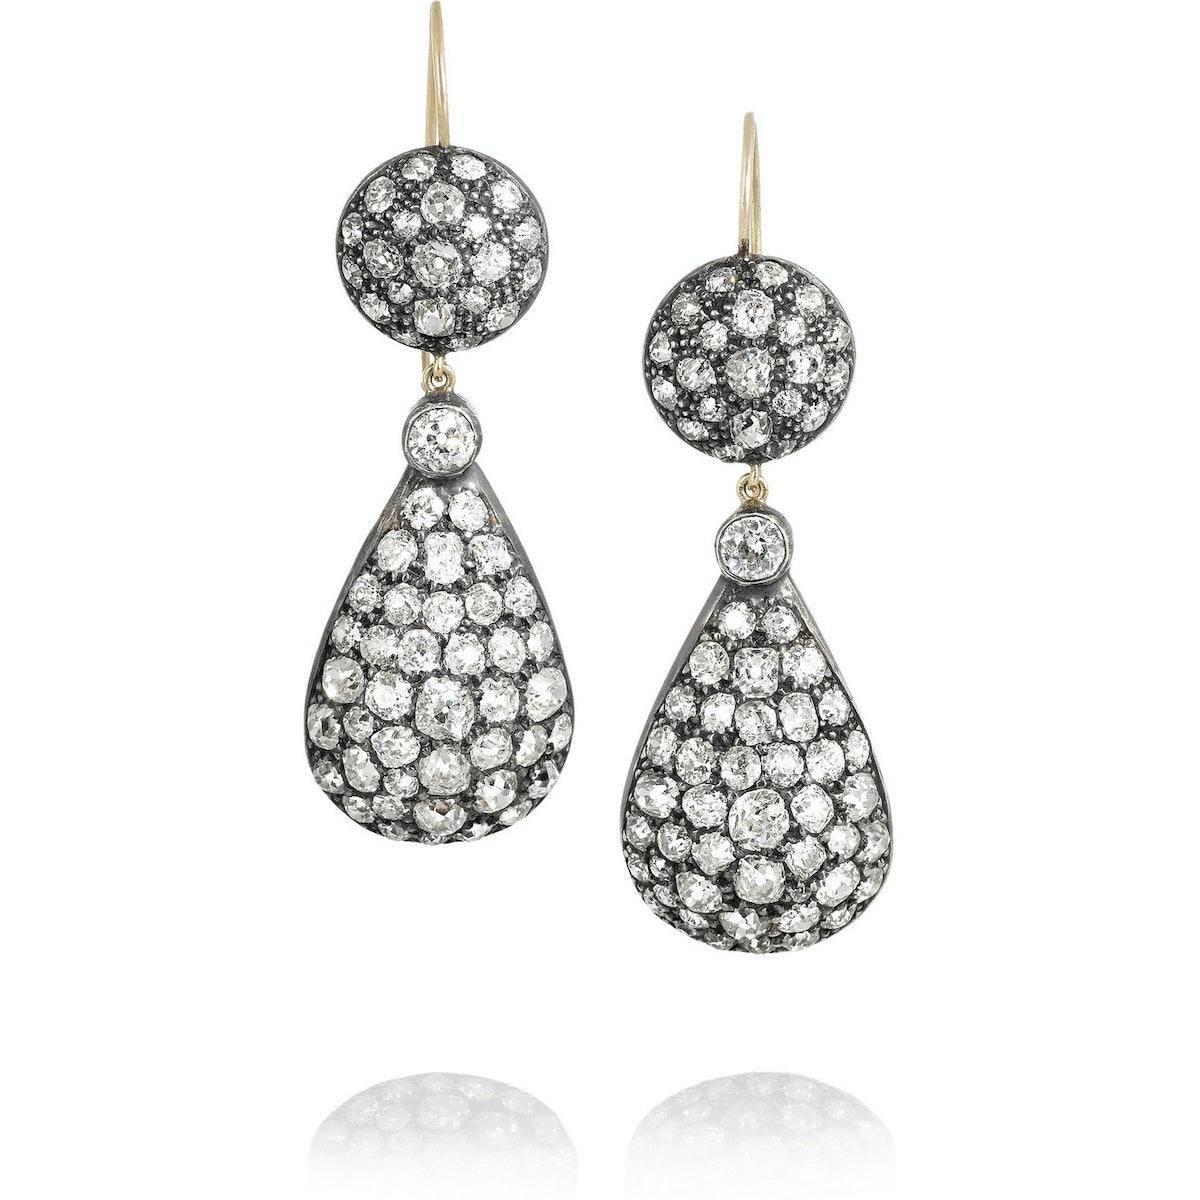 Olivia Collings earrings